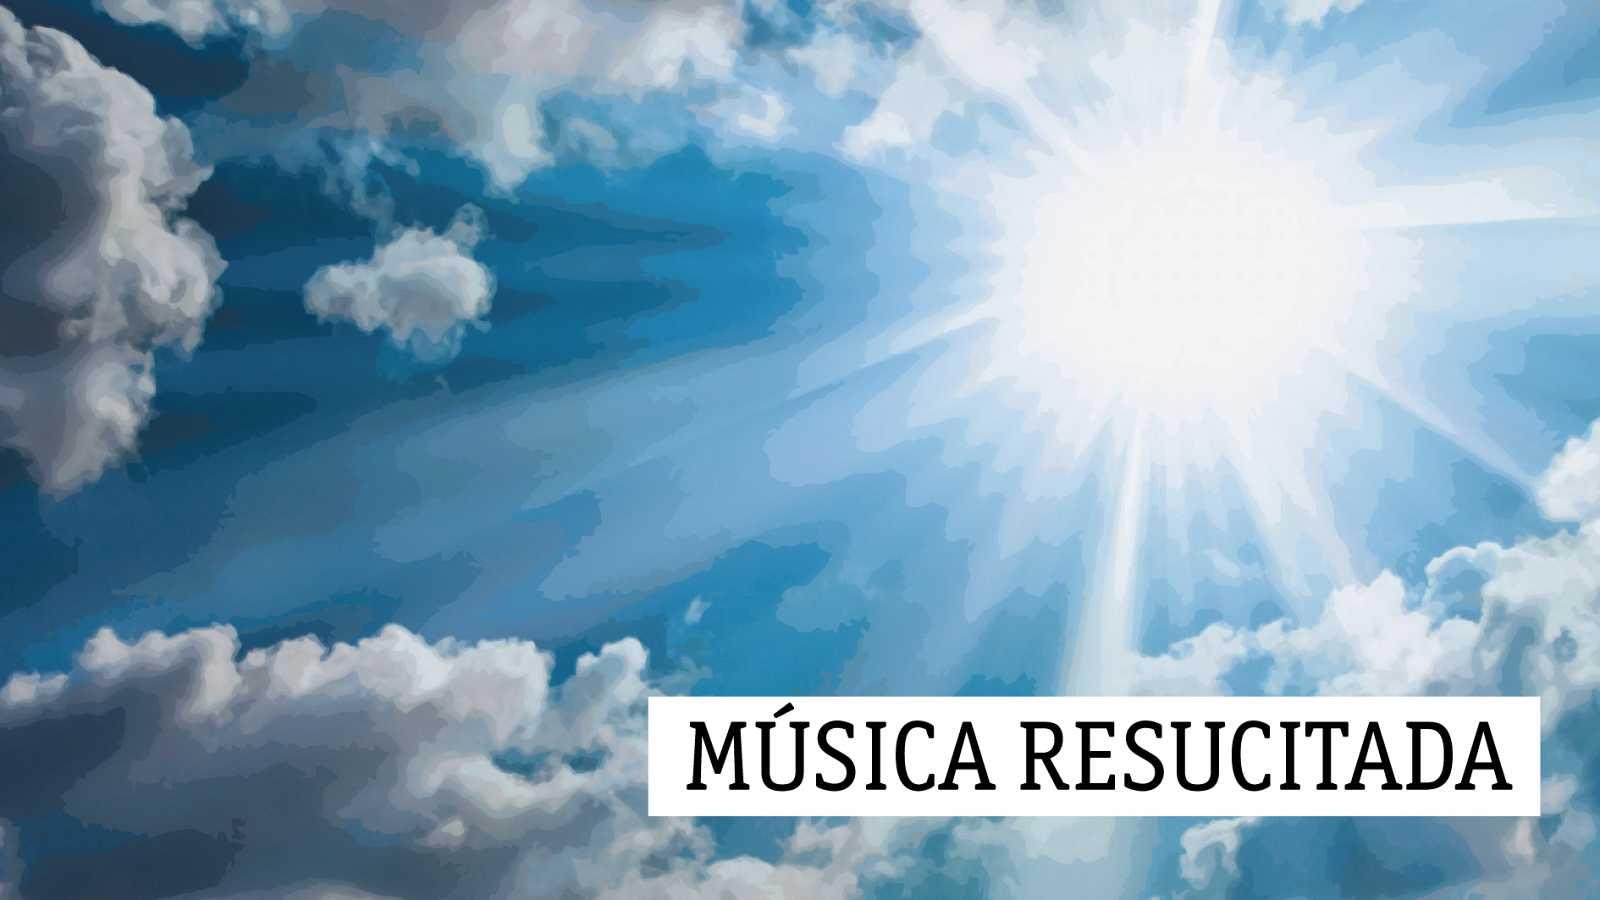 Música resucitada - Un paseo de la mano de Jesús Guridi - 29/09/19 - escuchar ahora